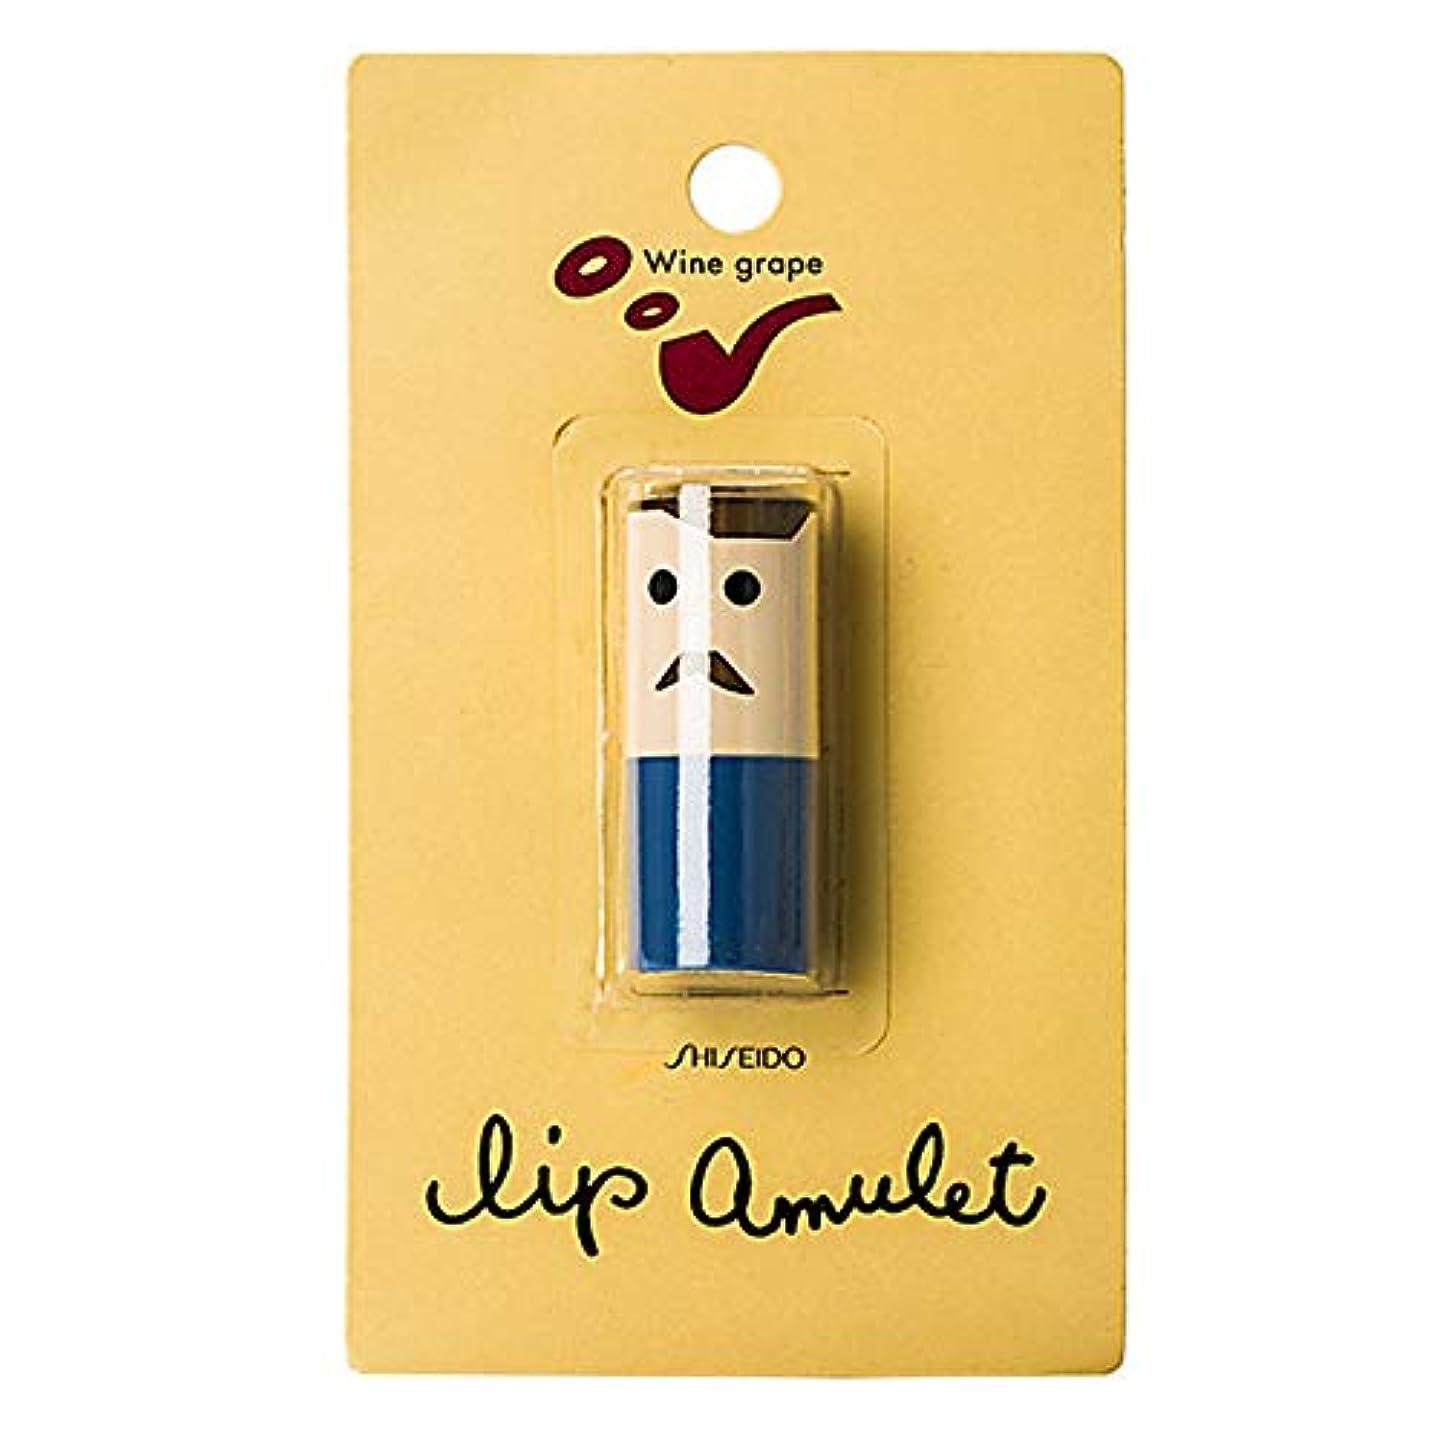 吸い込むシーボード寛大さ【台湾限定】資生堂 Shiseido リップアミュレット Lip Amulet お土産 コスメ 色つきリップ 単品 葡萄酒紅 (ワイングレープ) [並行輸入品]